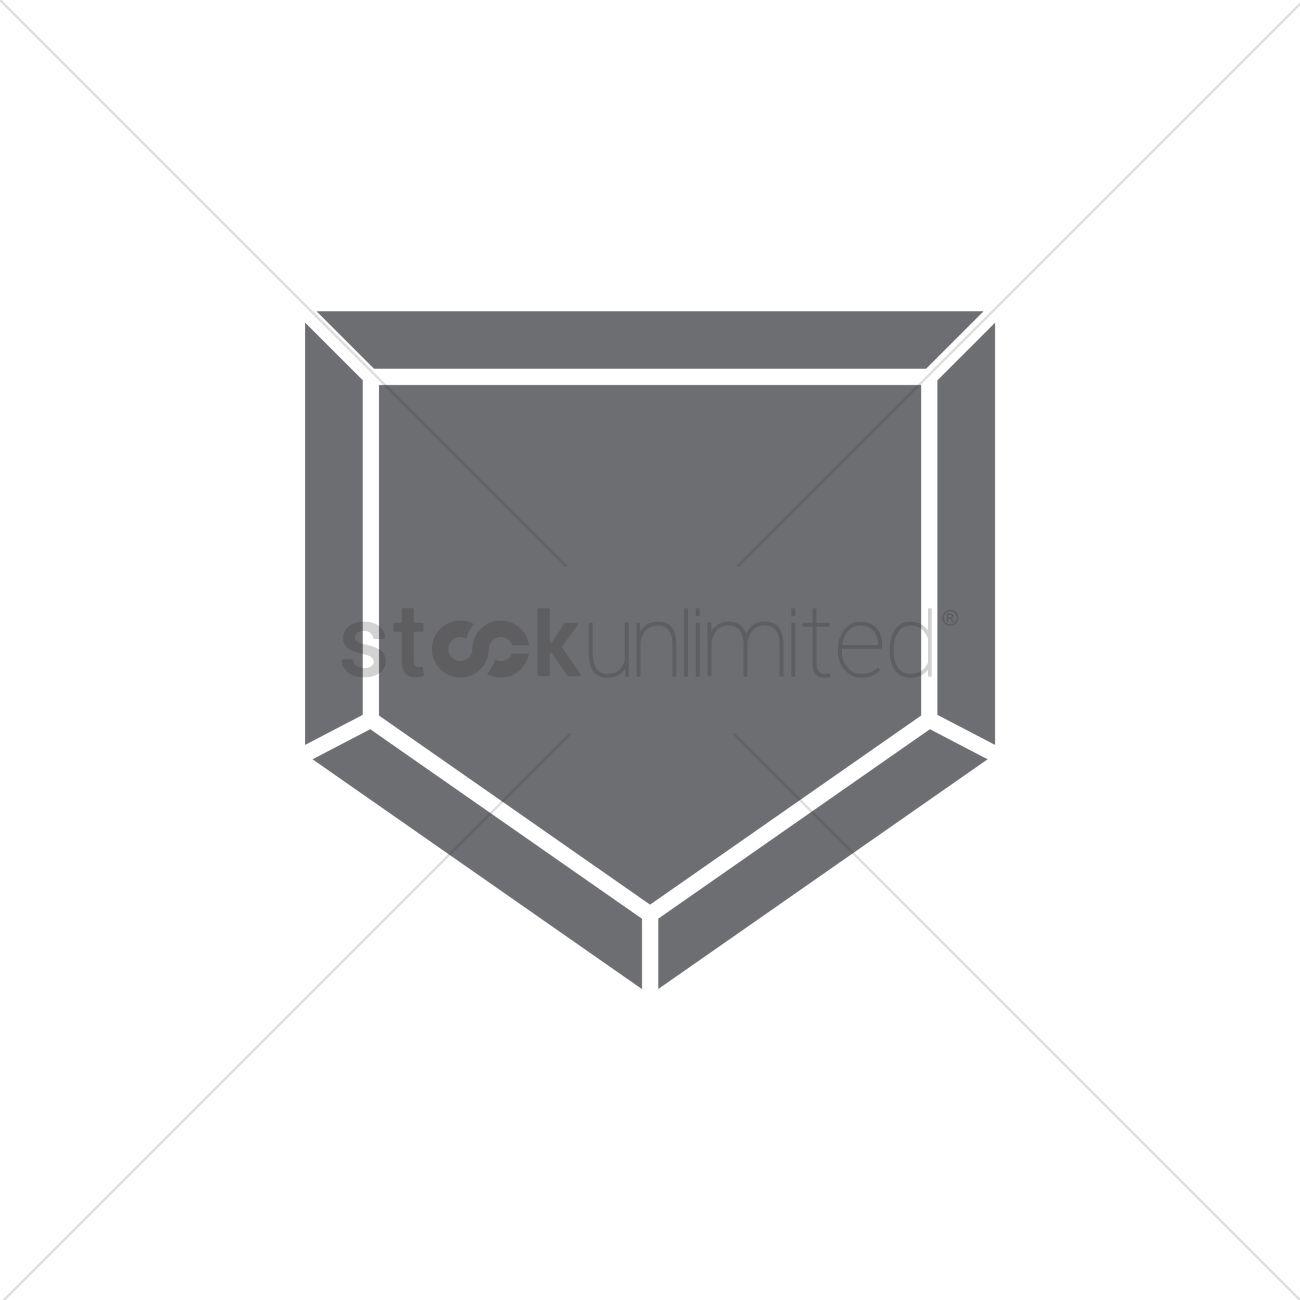 free baseball home plate stock vectors stockunlimited rh stockunlimited com Dirty Baseball Home Plate Baseball Home Plate Clip Art